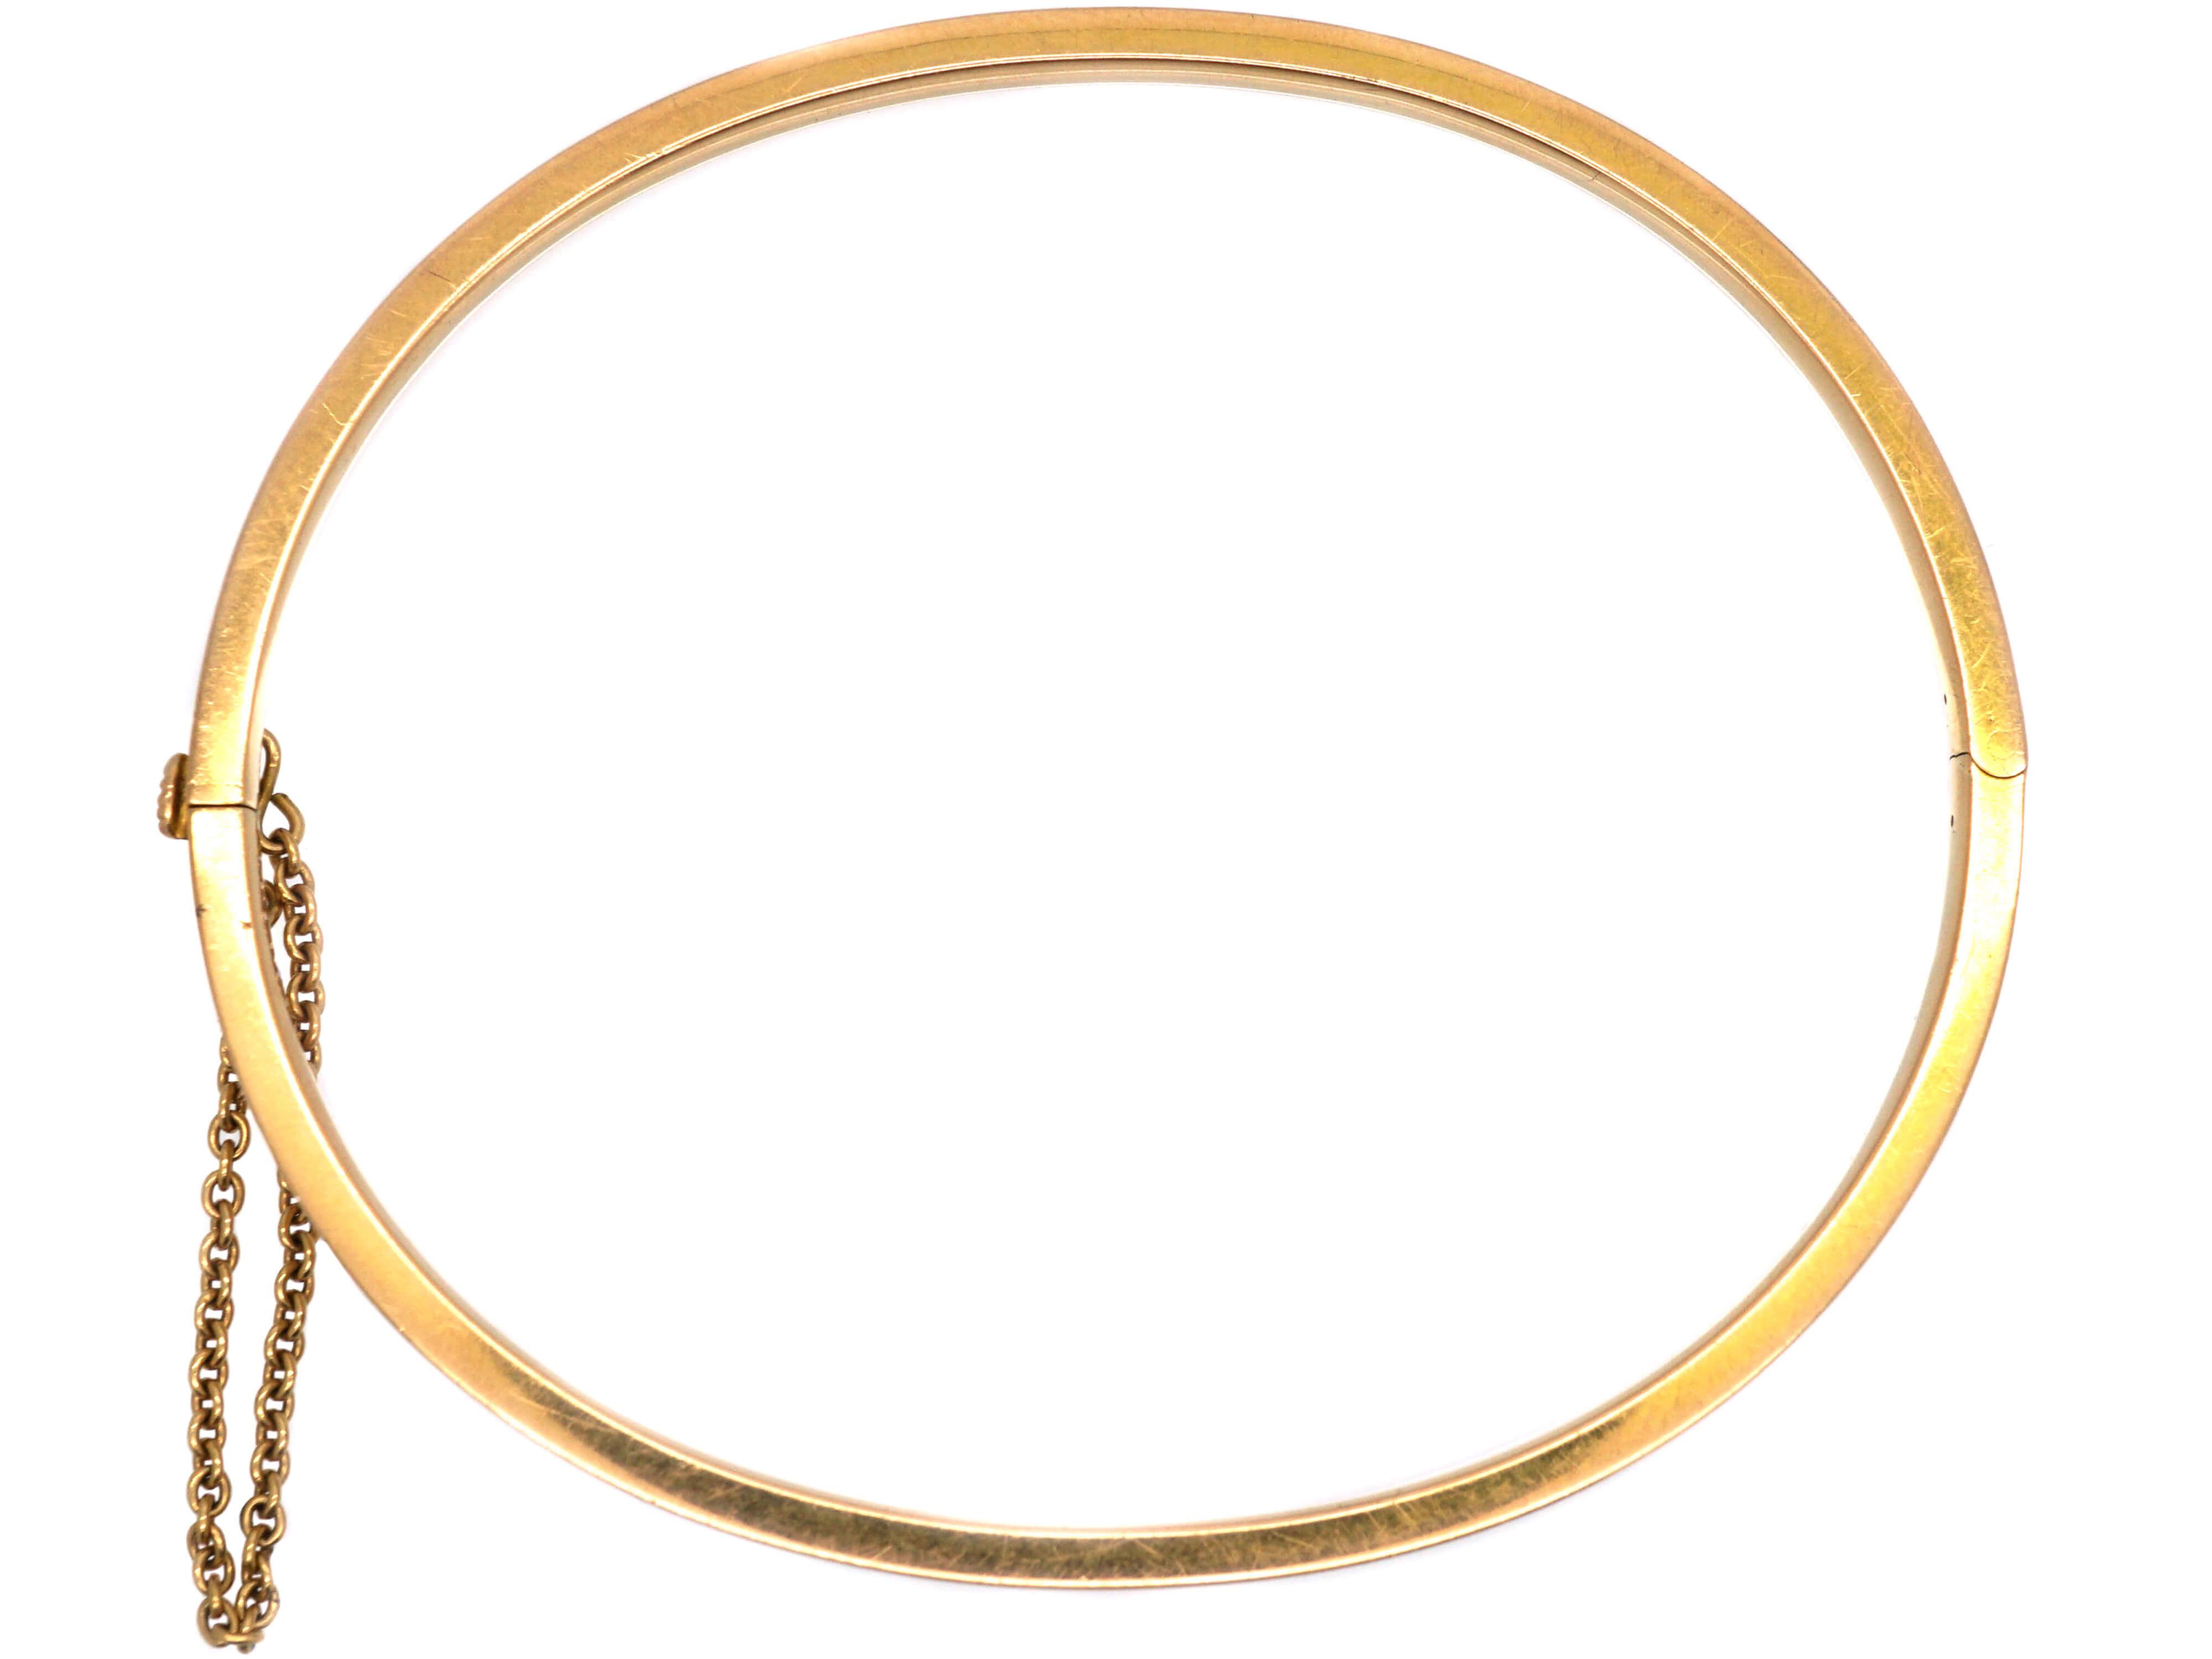 Edwardian 15ct Gold Narrow Ribbed Bangle